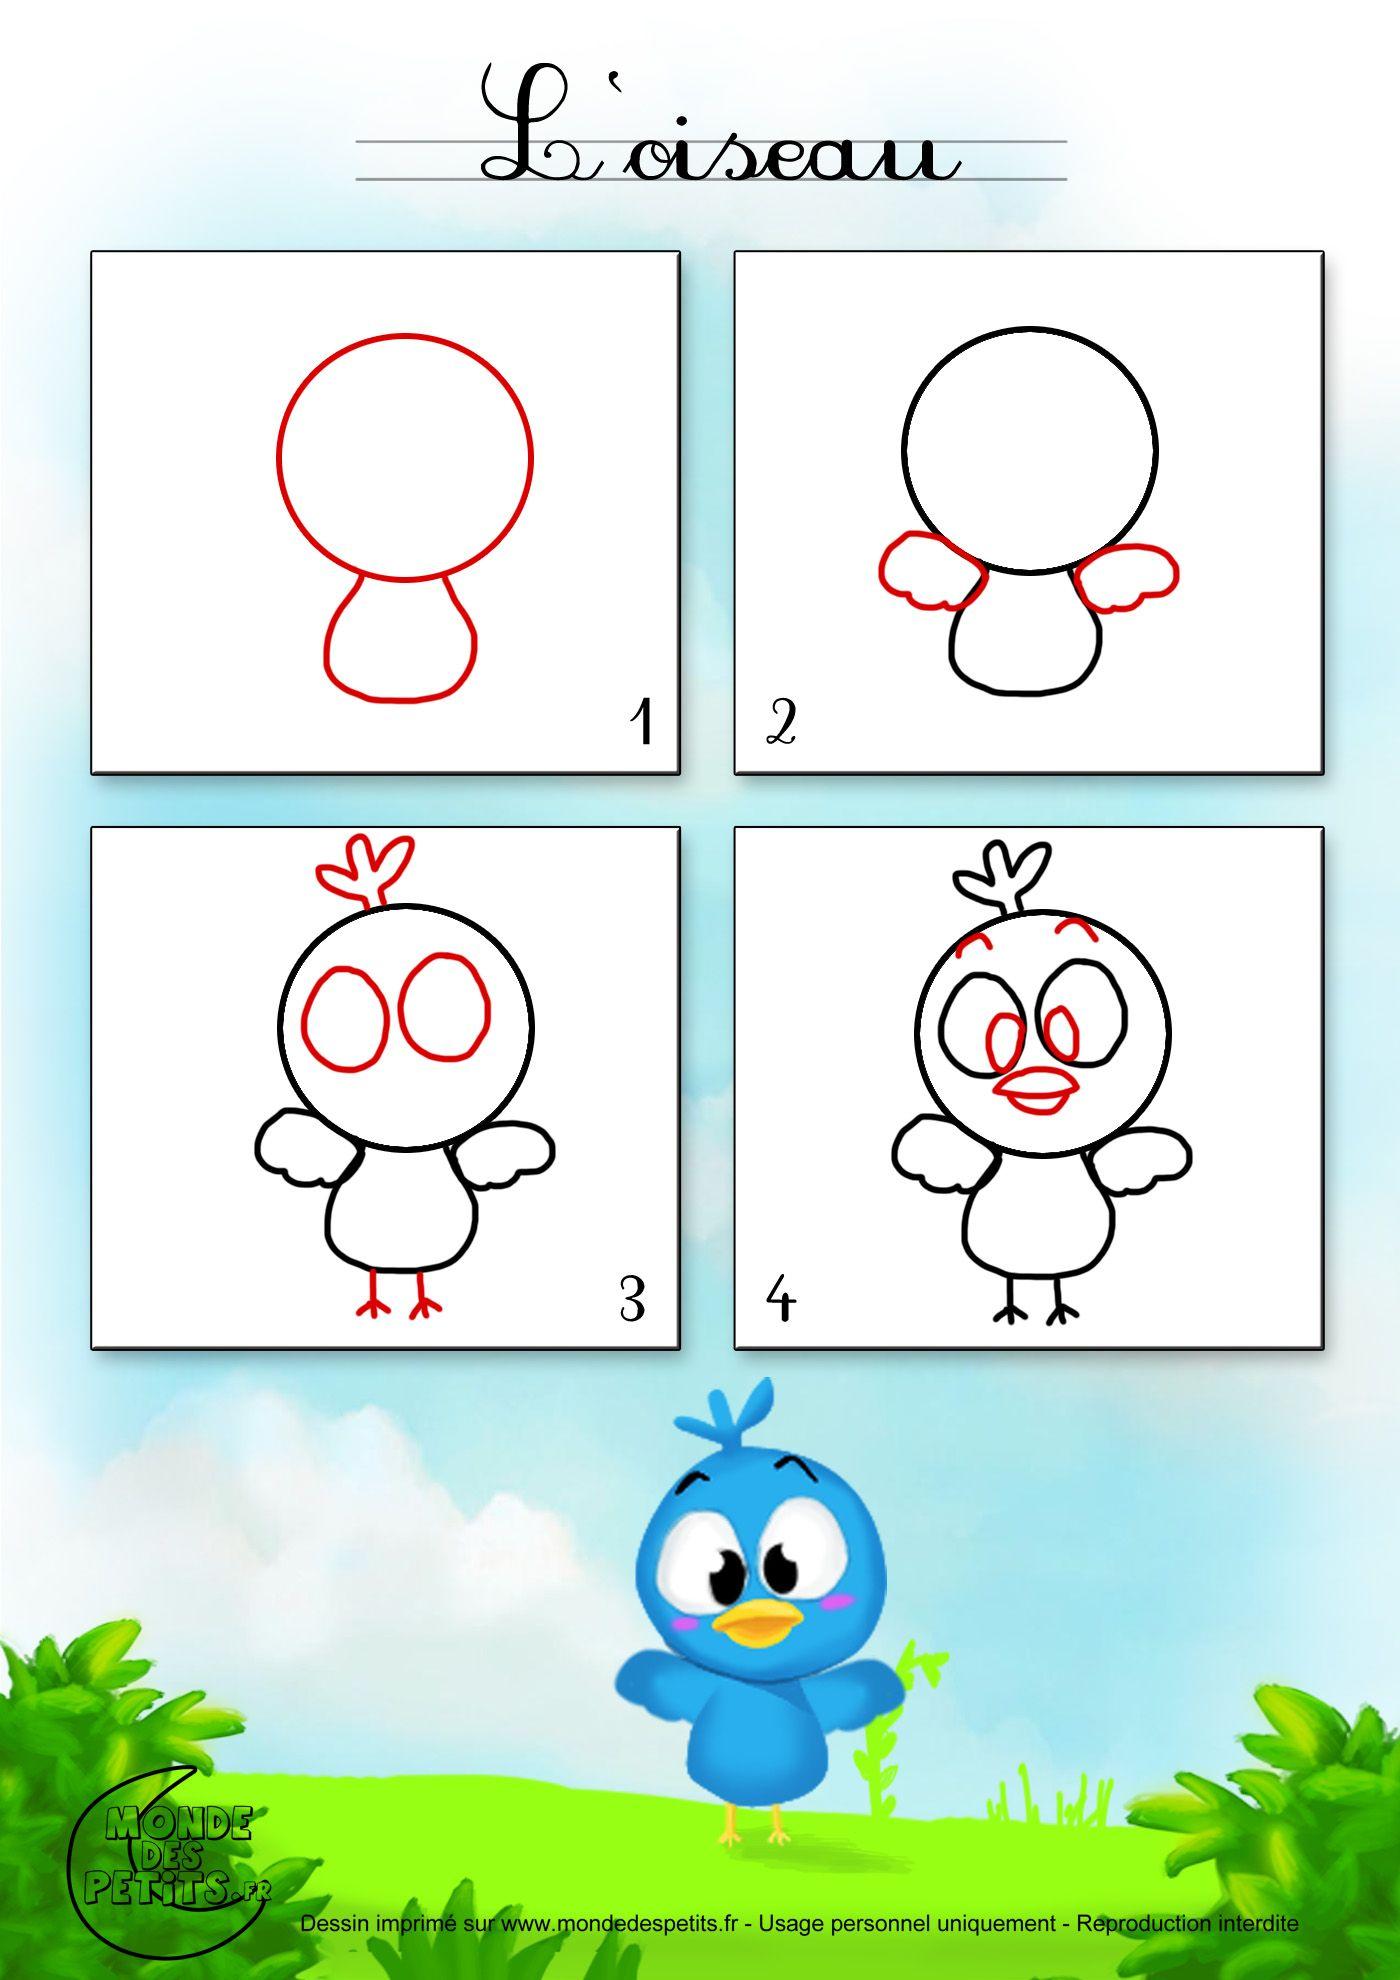 Dessin2 comment dessiner un petit oiseau doodle guide en 2019 art drawings easy drawings - Oiseau facile a dessiner ...